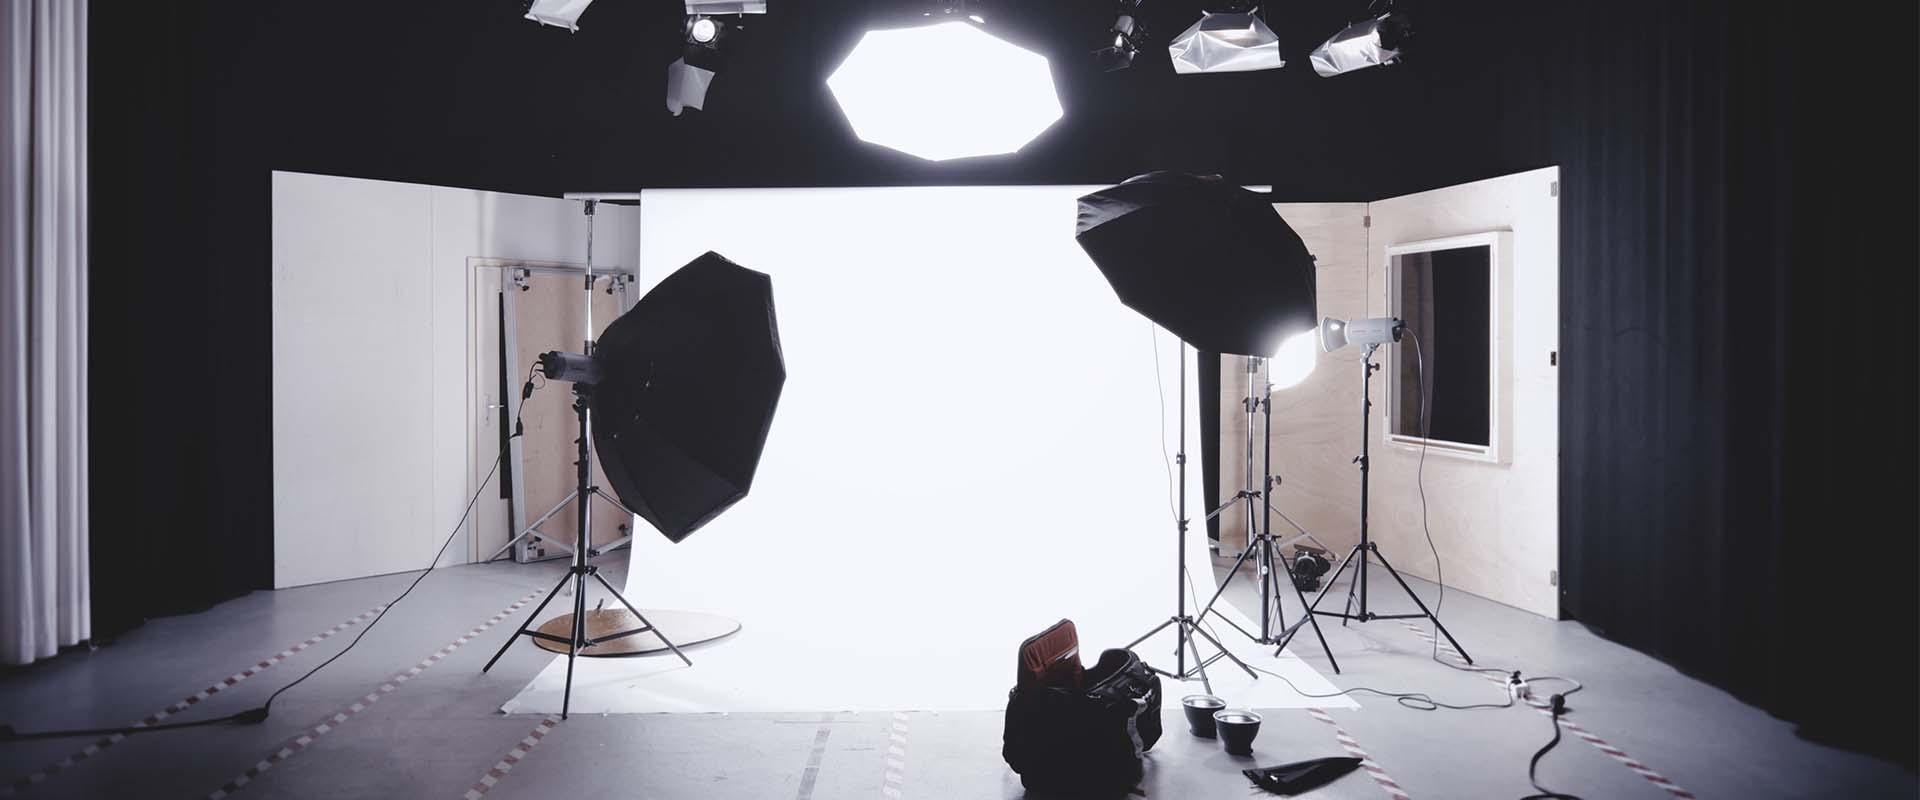 Shooting fotografico: cos'è e perché può essere utile alla tua azienda